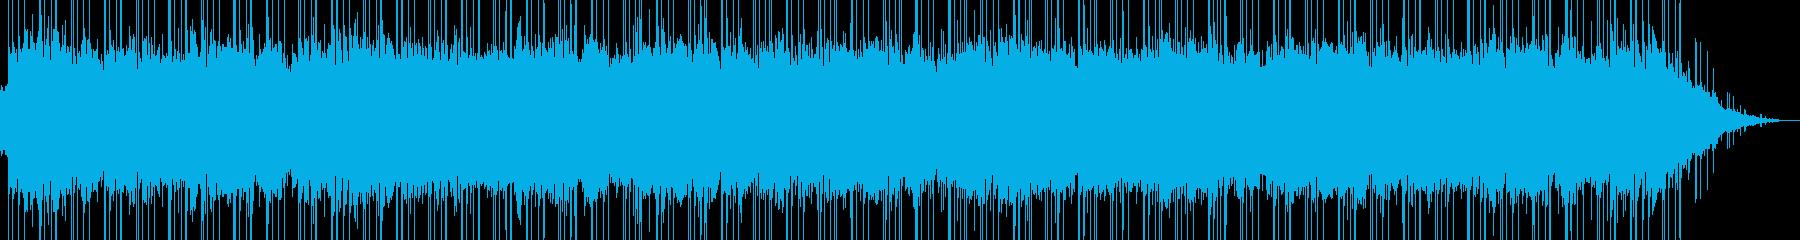 ほんわか優しいイージーリスニング02の再生済みの波形